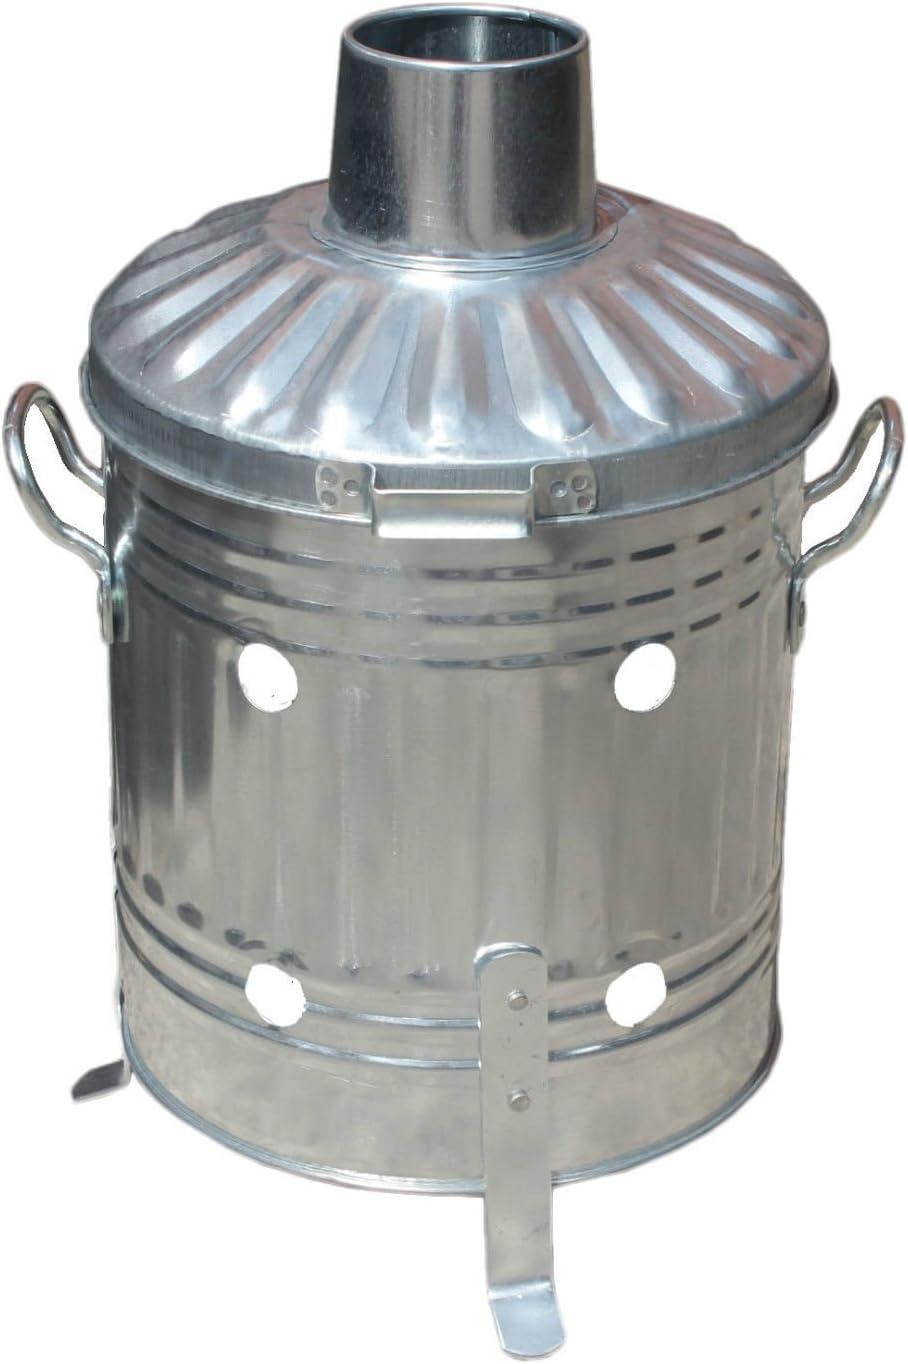 Portable 15L mini Cubo incinerador de jardín de acero galvanizado para quemar, para madera, hojas y papel: Amazon.es: Hogar